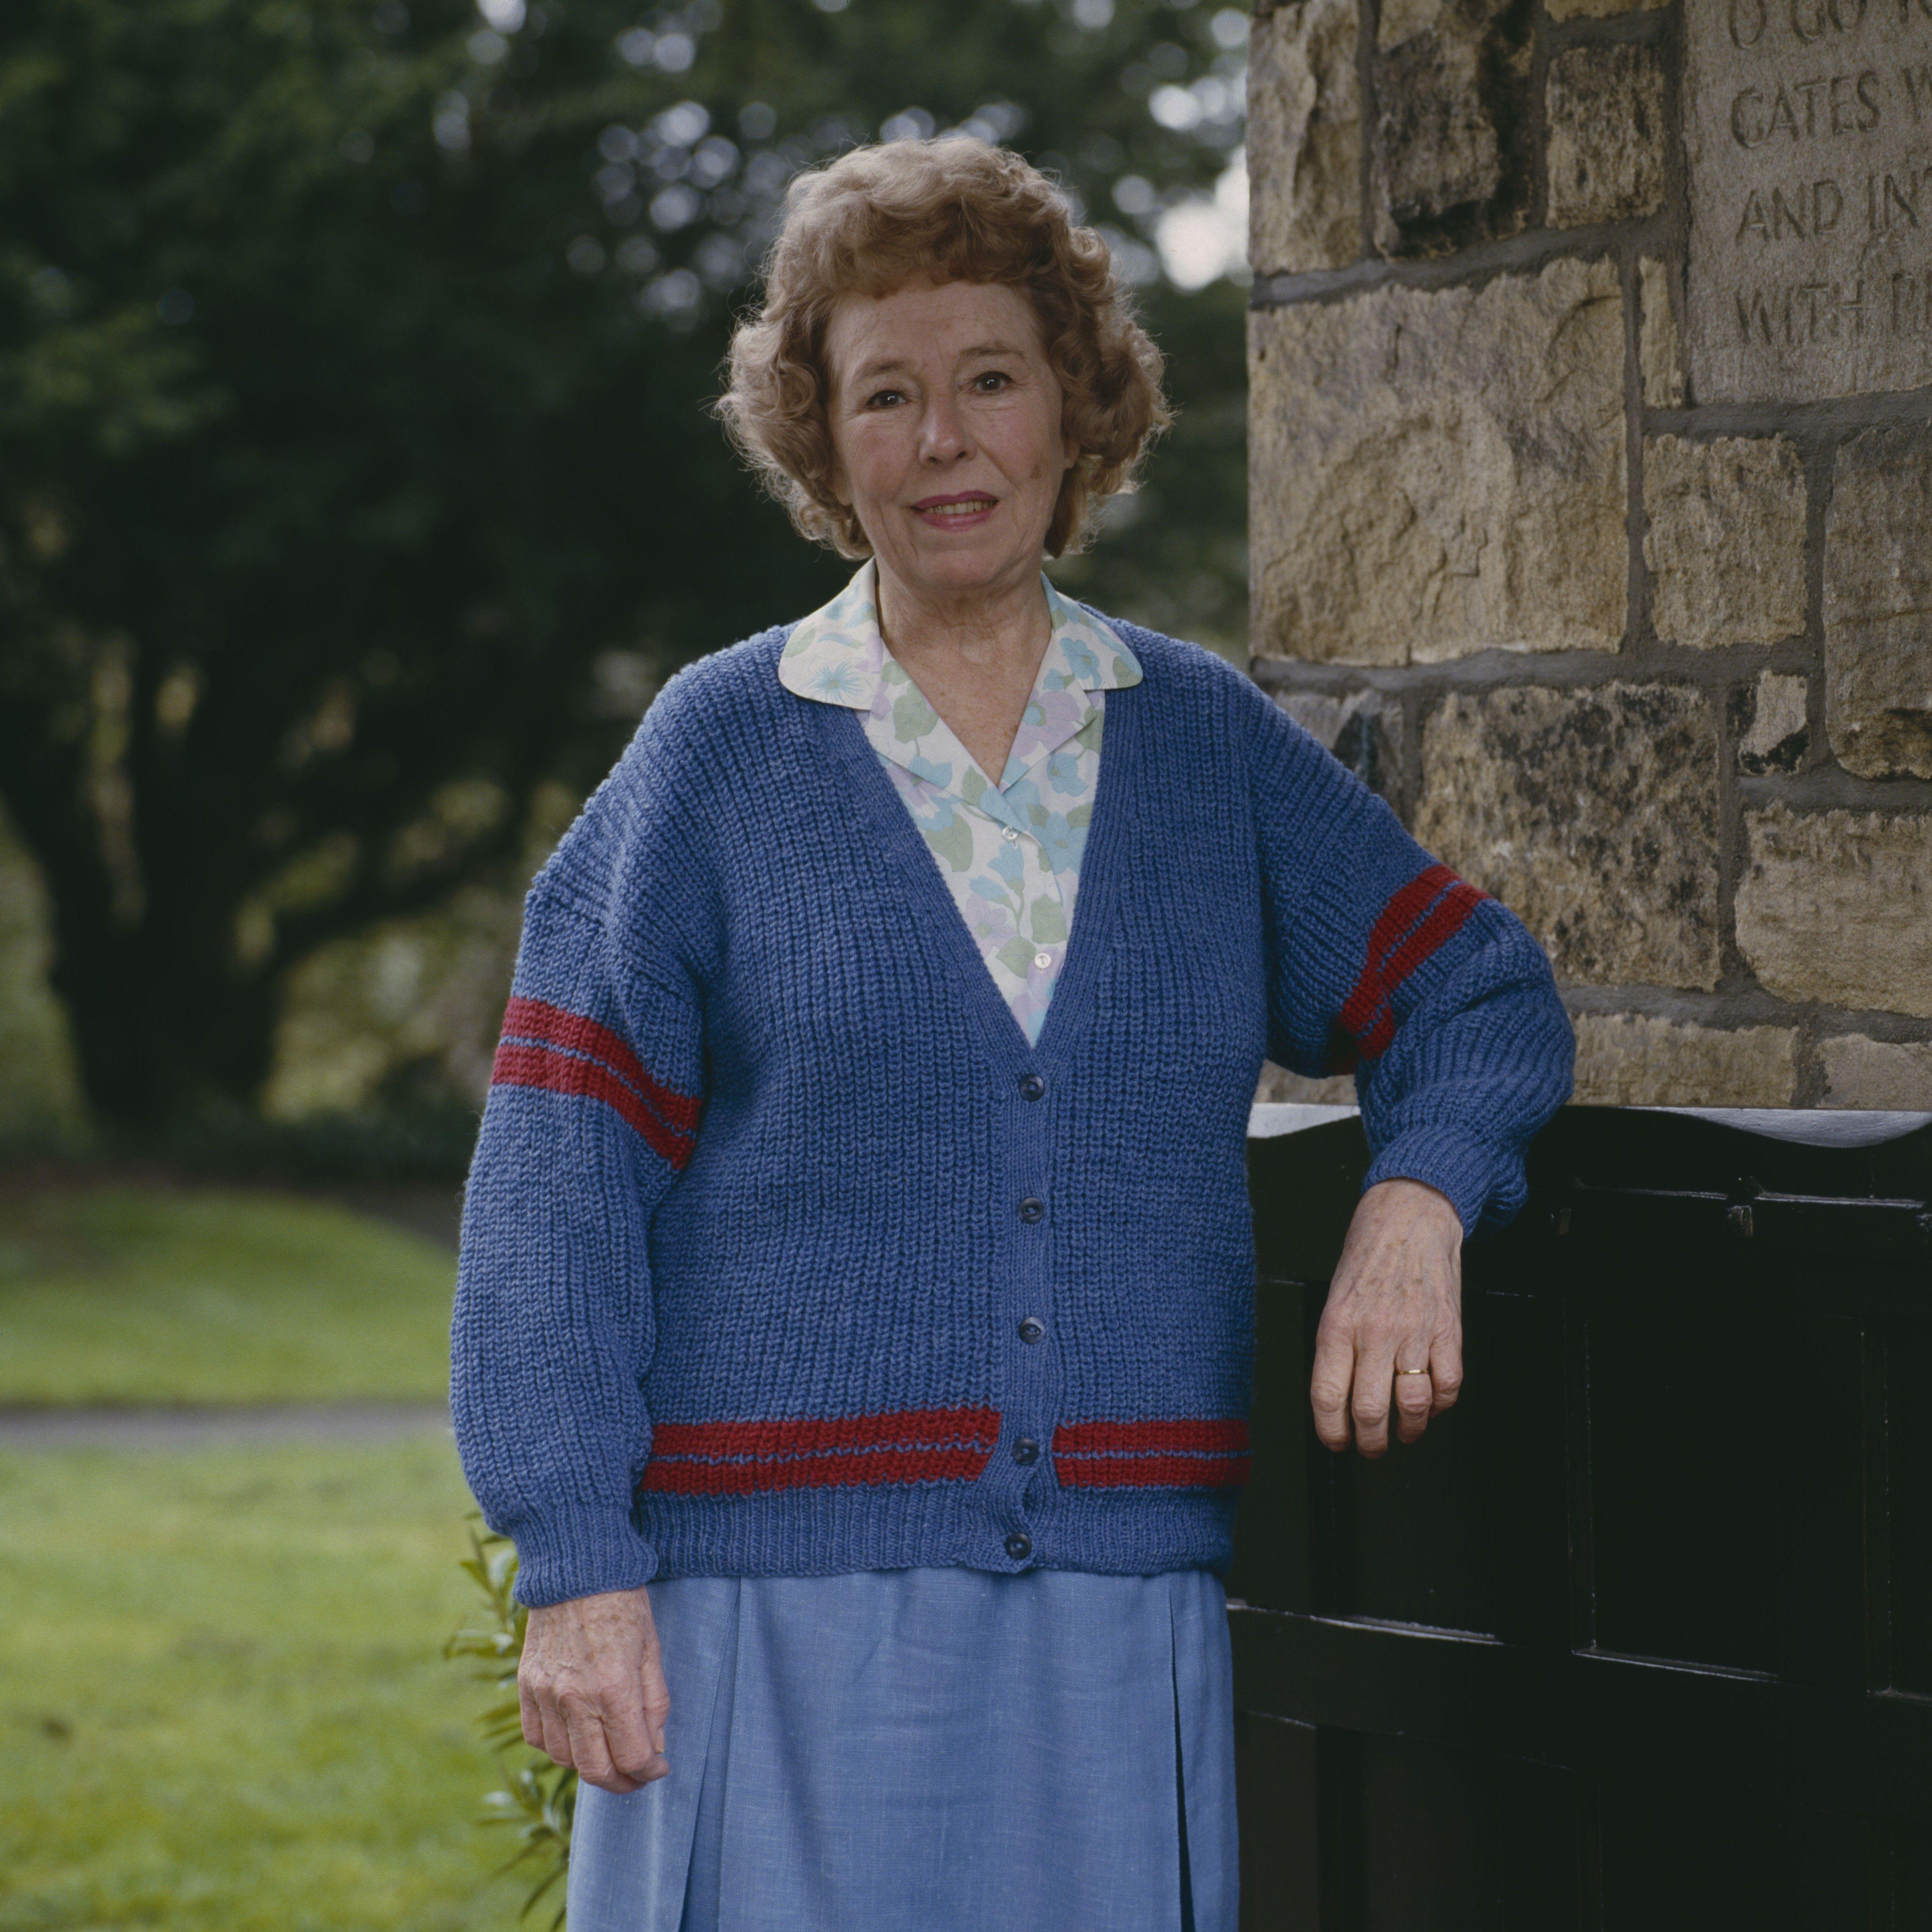 Emmerdale's legendary Annie Sugden actress Sheila Mercier dies at age 100